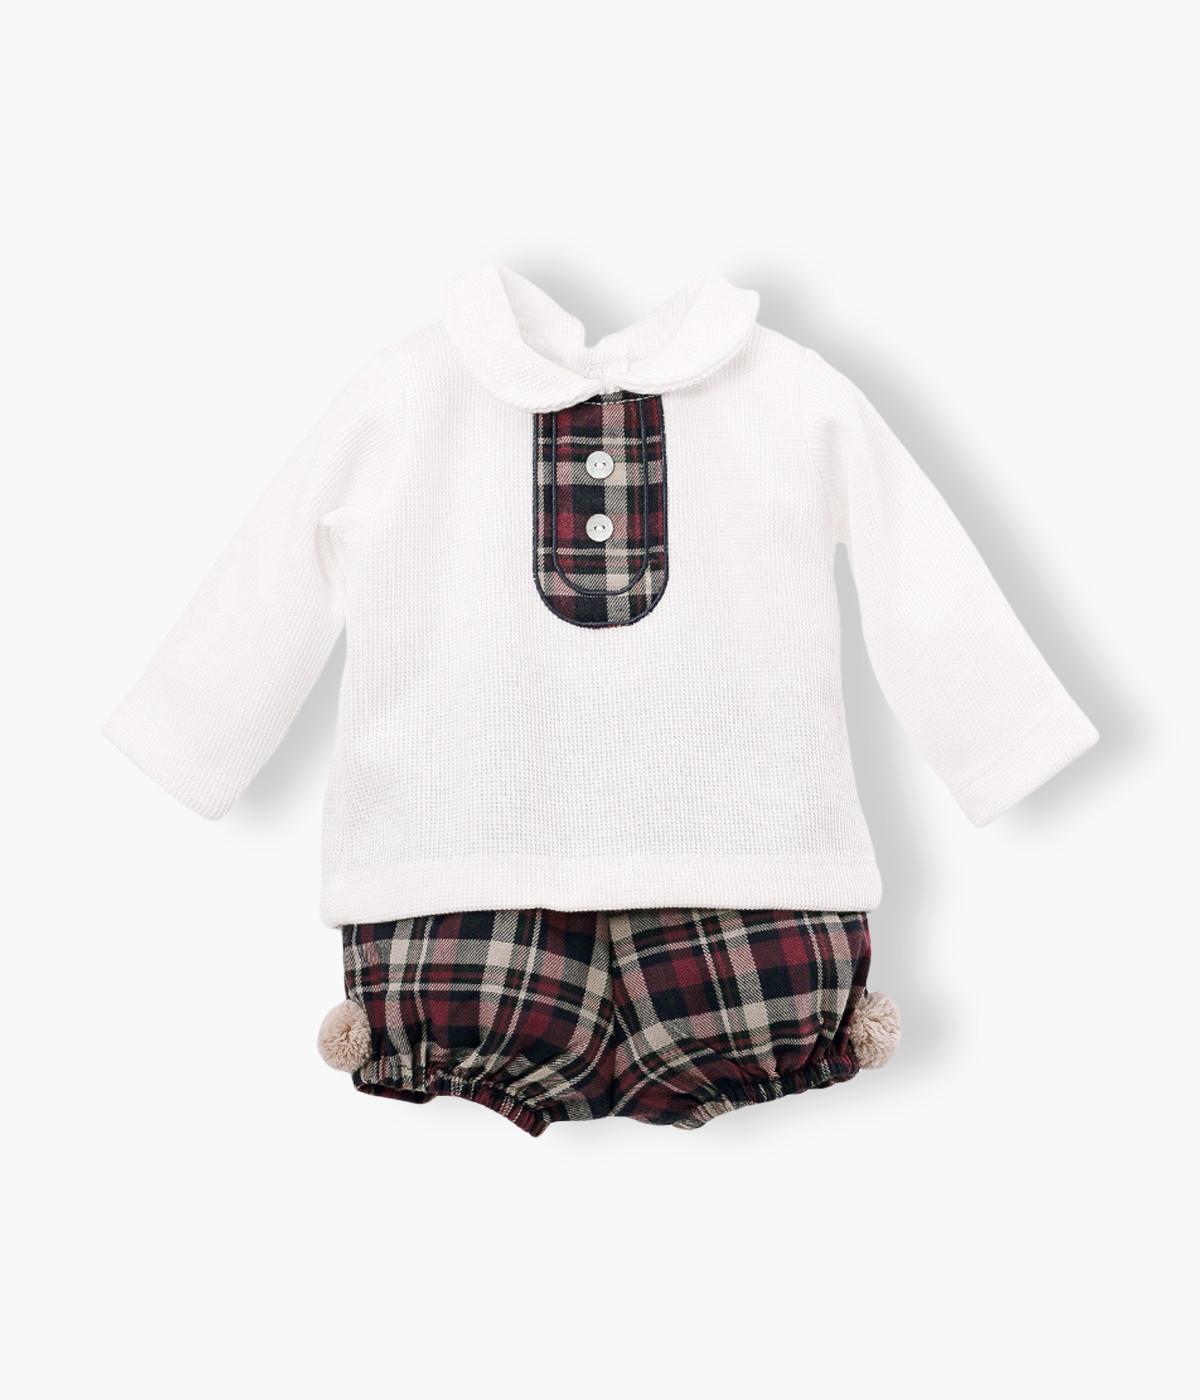 Conjunto de 2 peças para Inverno cinza composto por camisola e calças para bebé menino